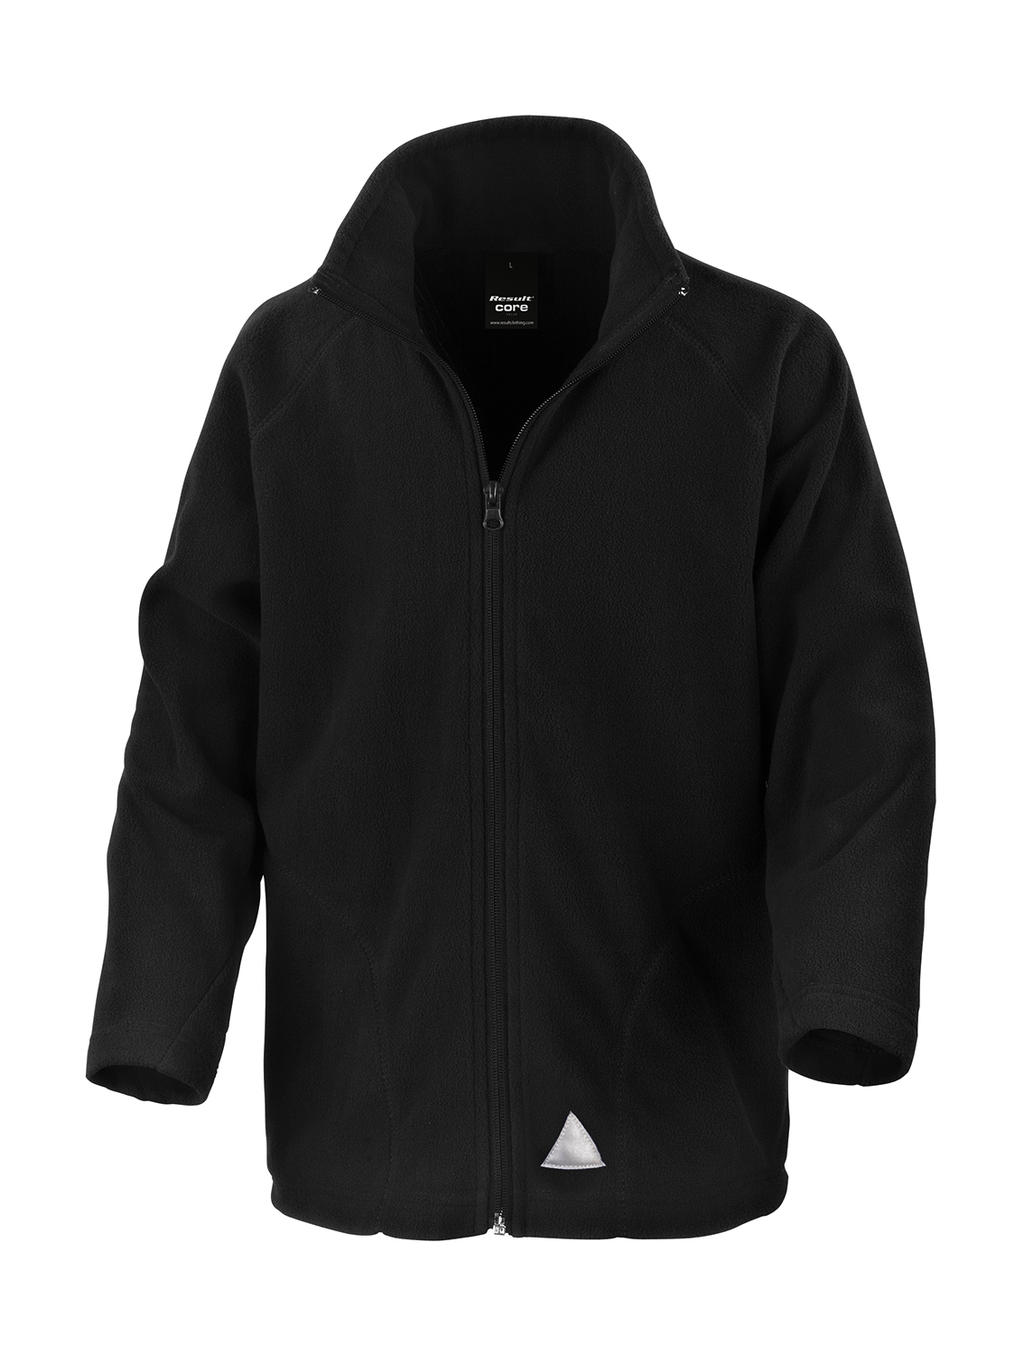 Dìtská fleecová bunda Micron - zvìtšit obrázek